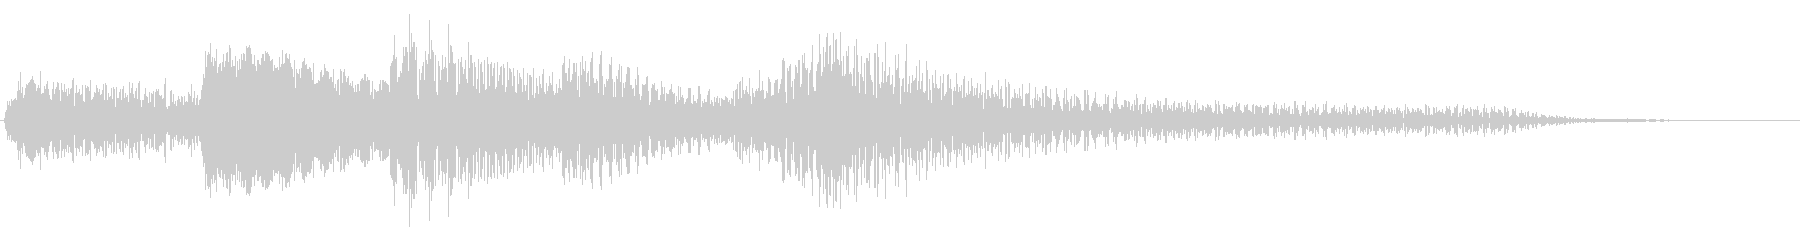 短いピアノソロのジングル_サウンドロゴの未再生の波形